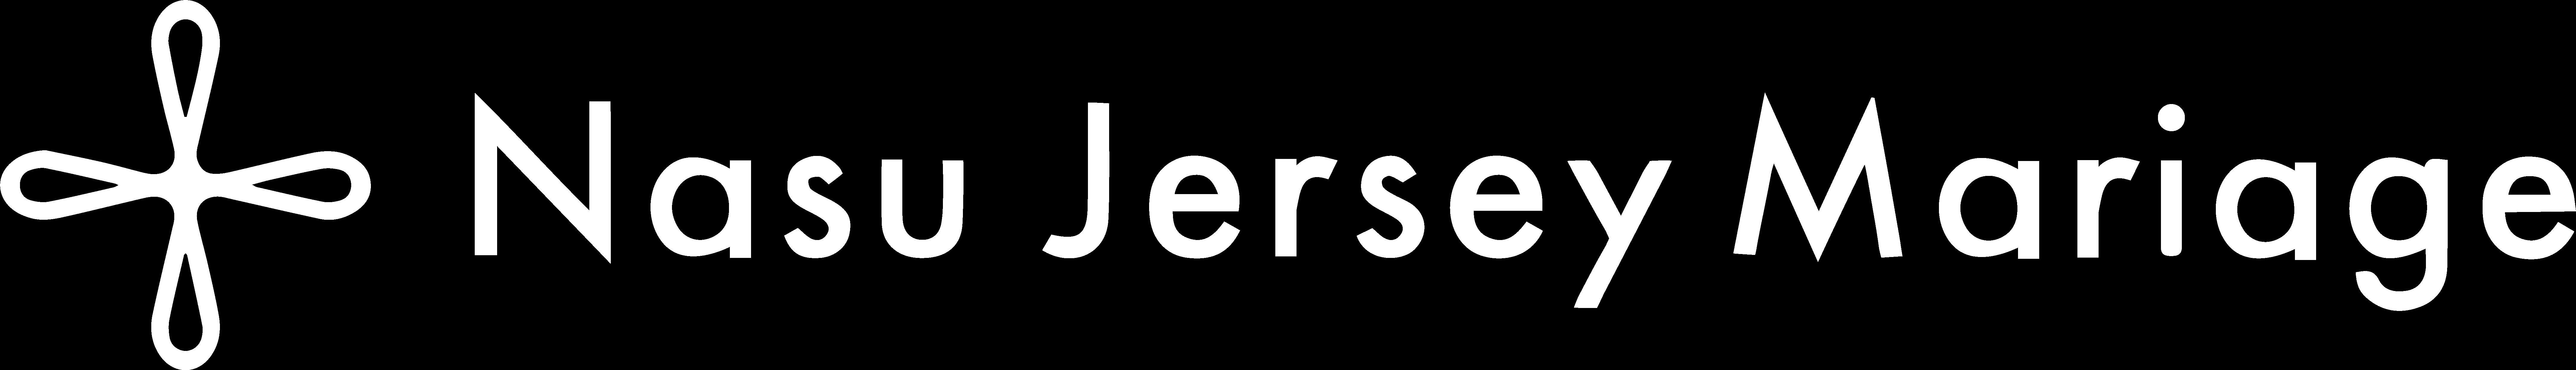 Nasu Jersey Mariage ~那須ジャージーマリアージュ~